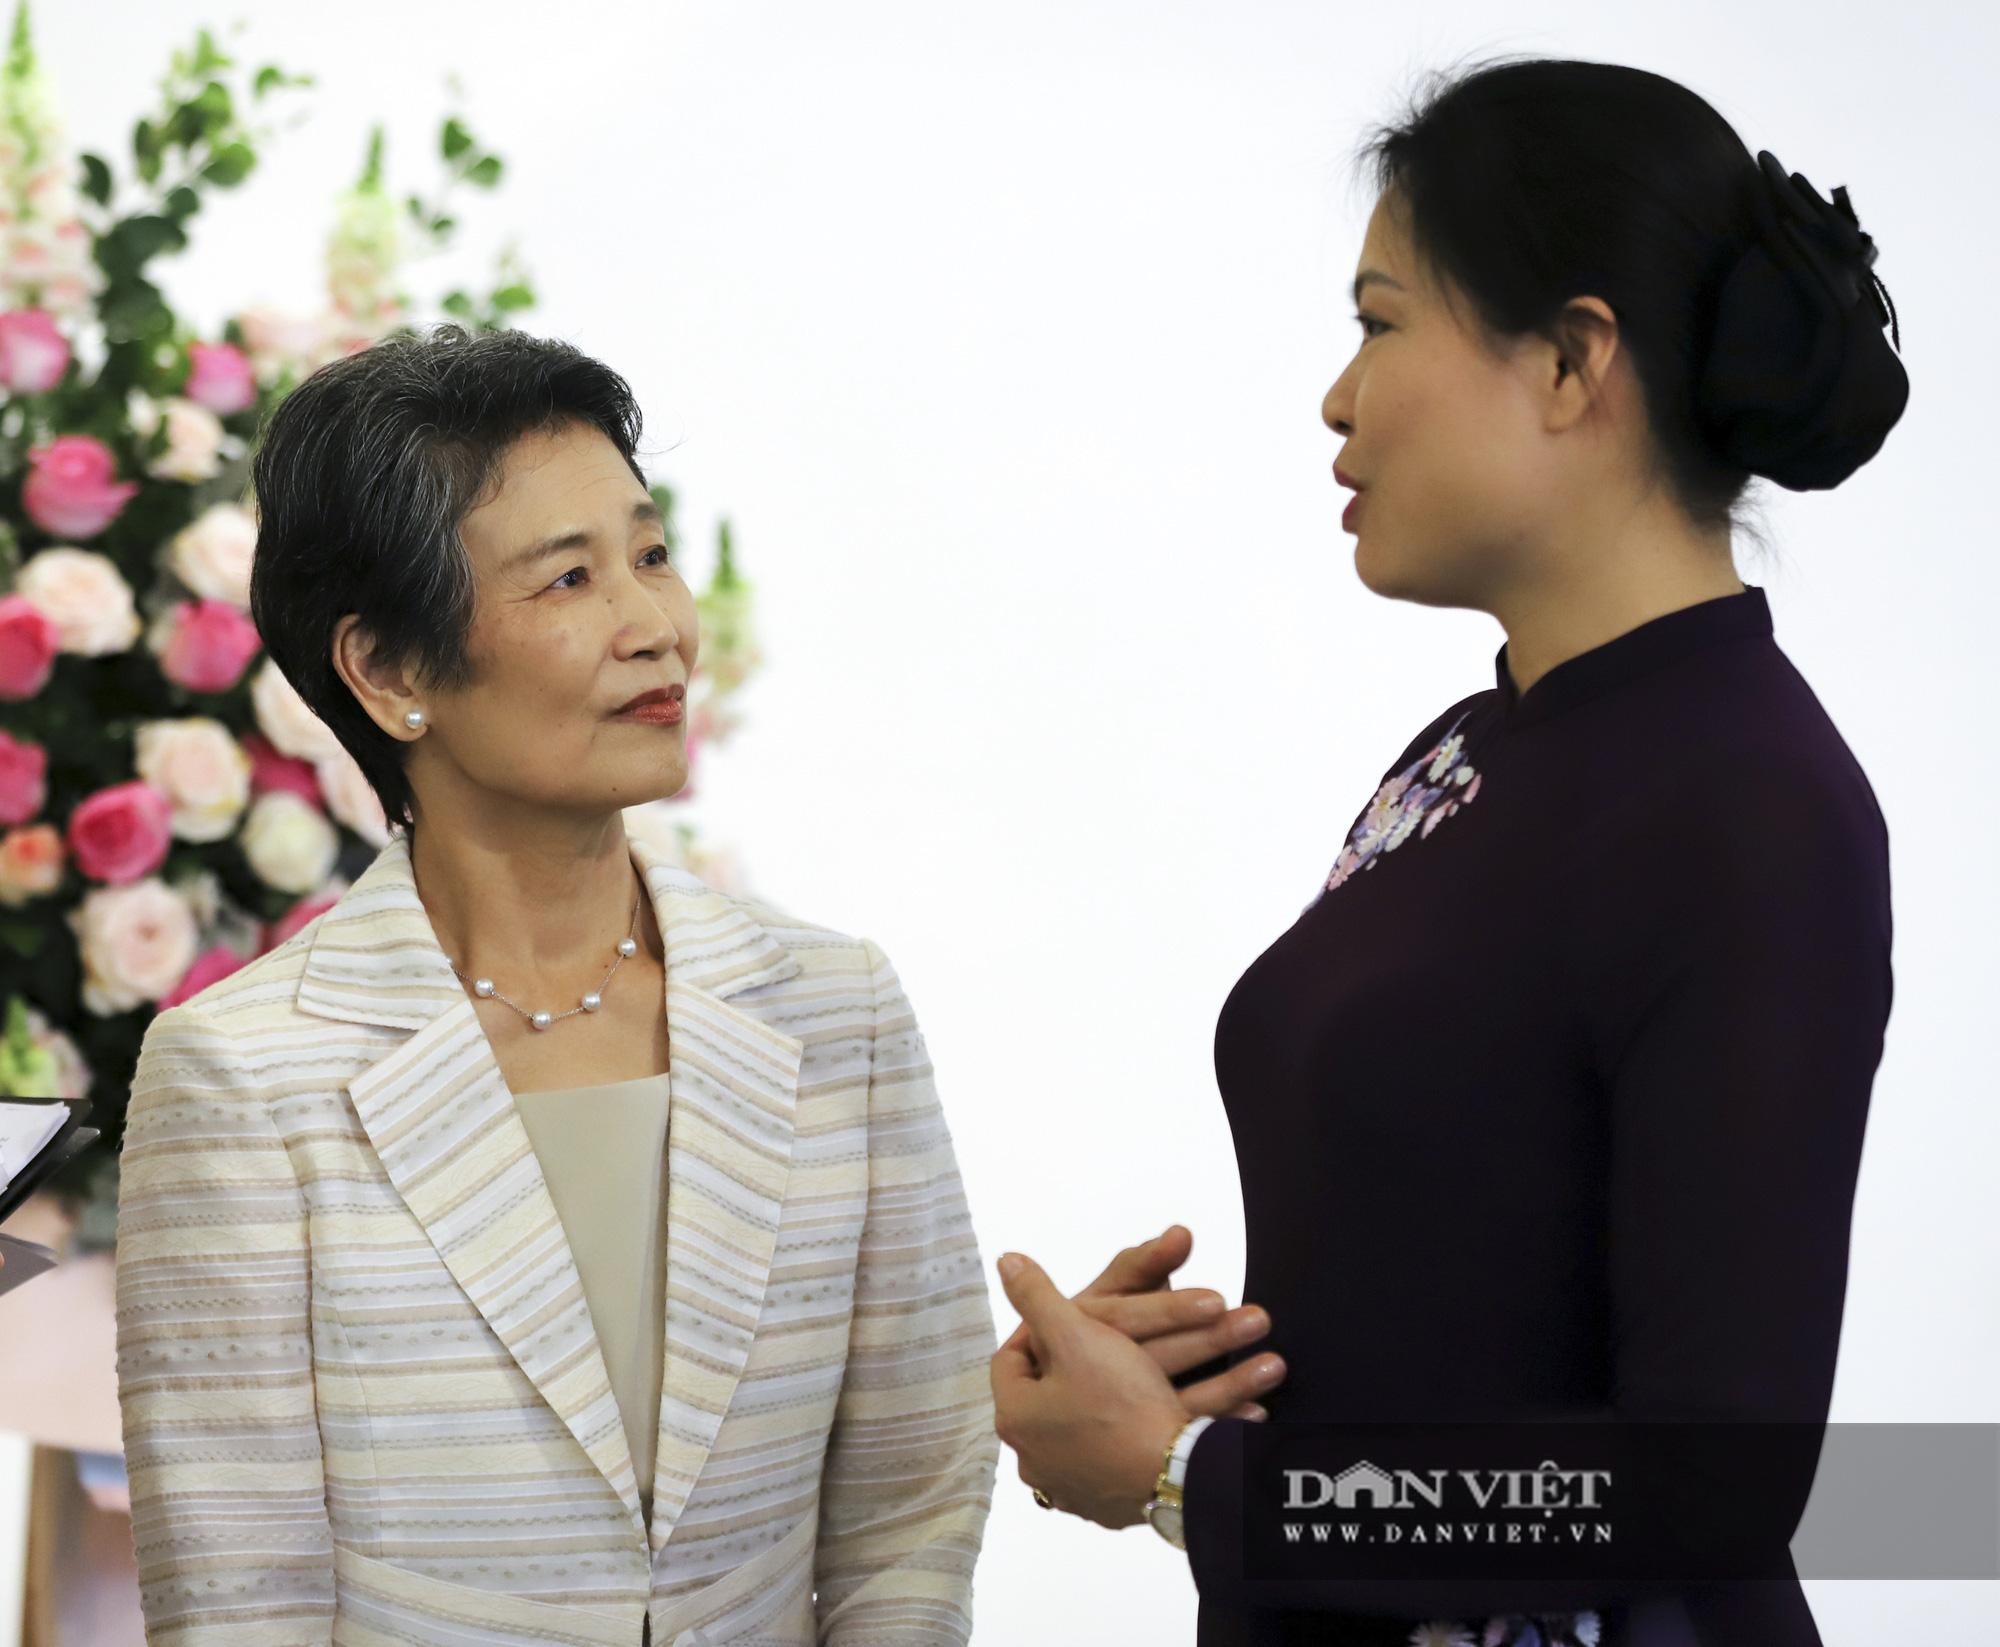 Phu nhân Thủ tướng Nhật Bản tham quan bảo tàng Phụ nữ Việt Nam - Ảnh 4.